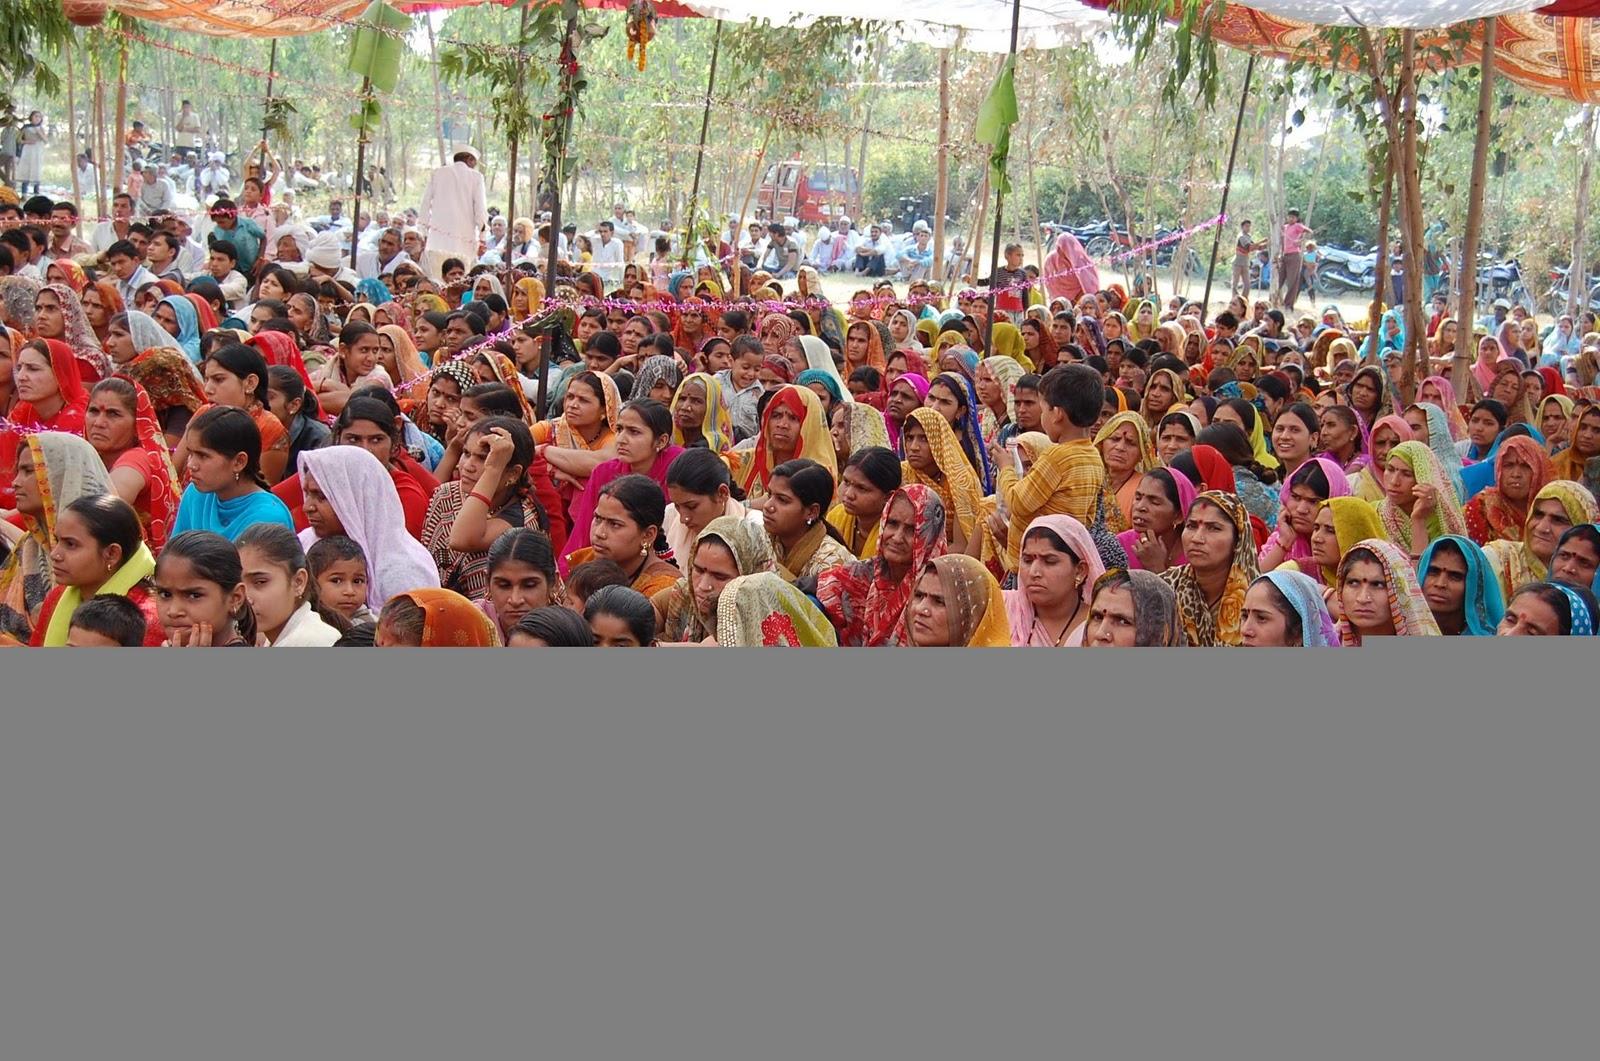 बीबीएस ईन्यूज़ प्रेम रस प्रदायनी है कृष्ण कथा पंडित